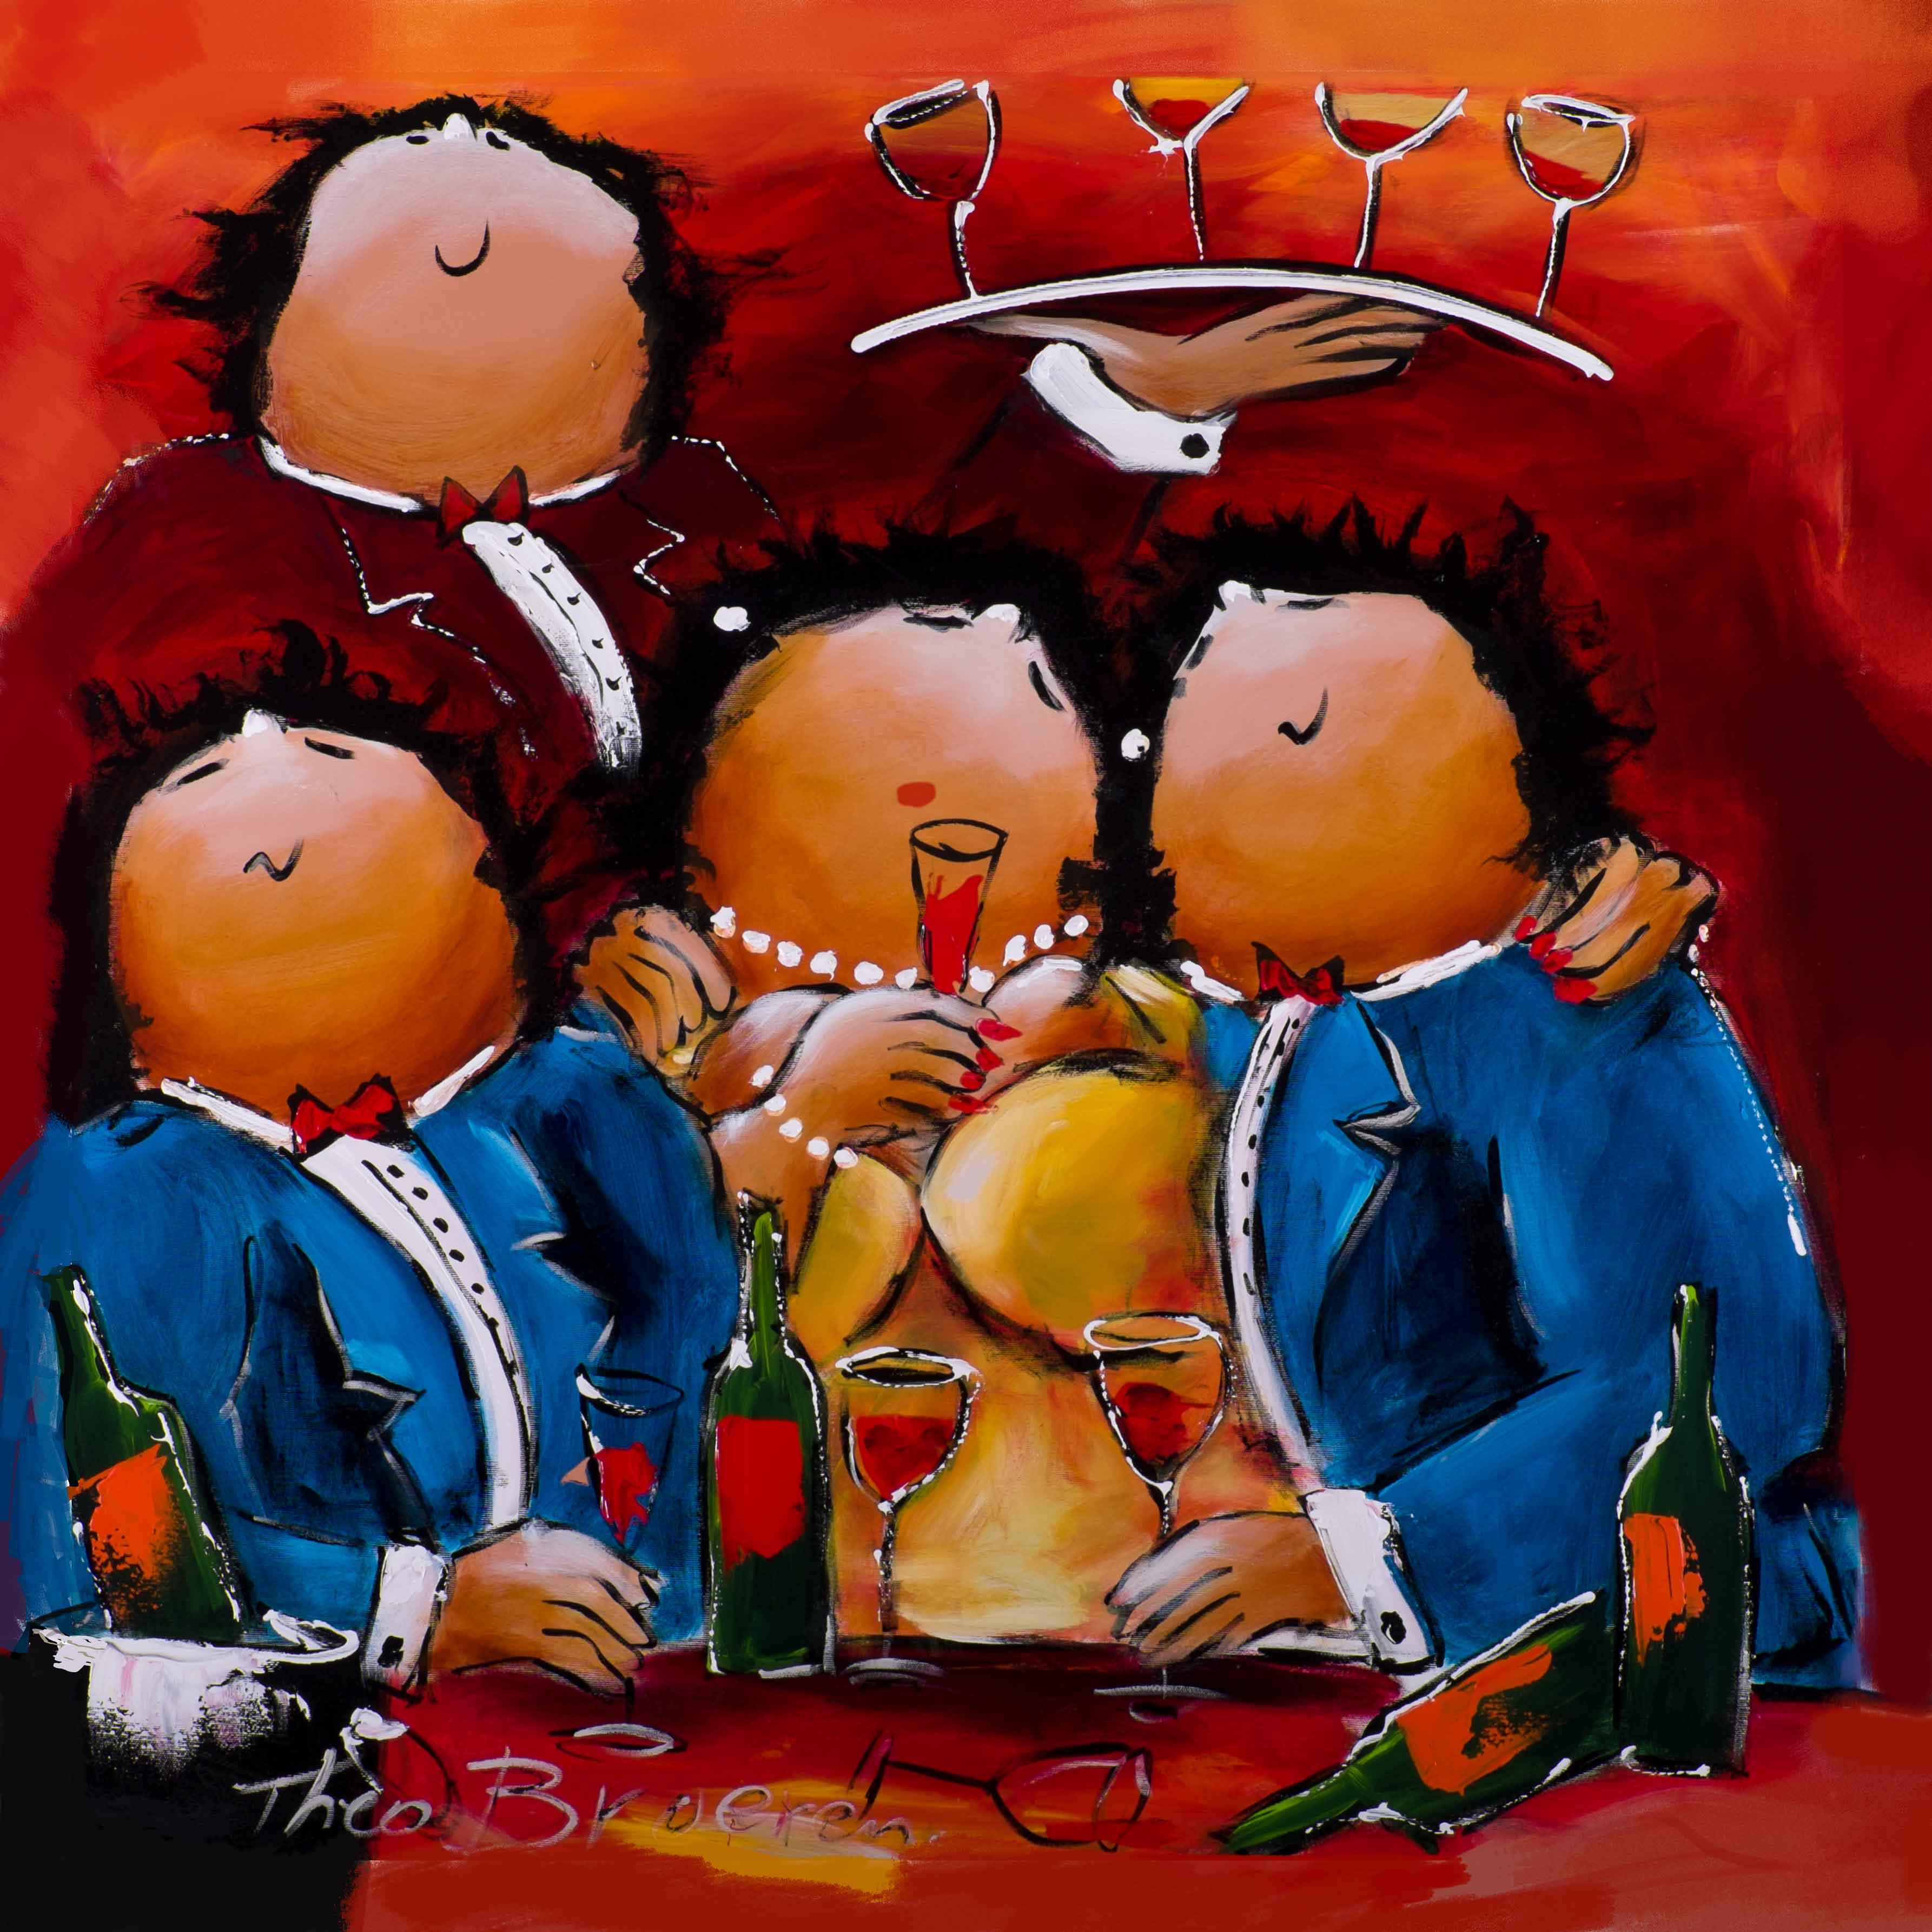 La vie est belle dikke dames schilderij theo broeren